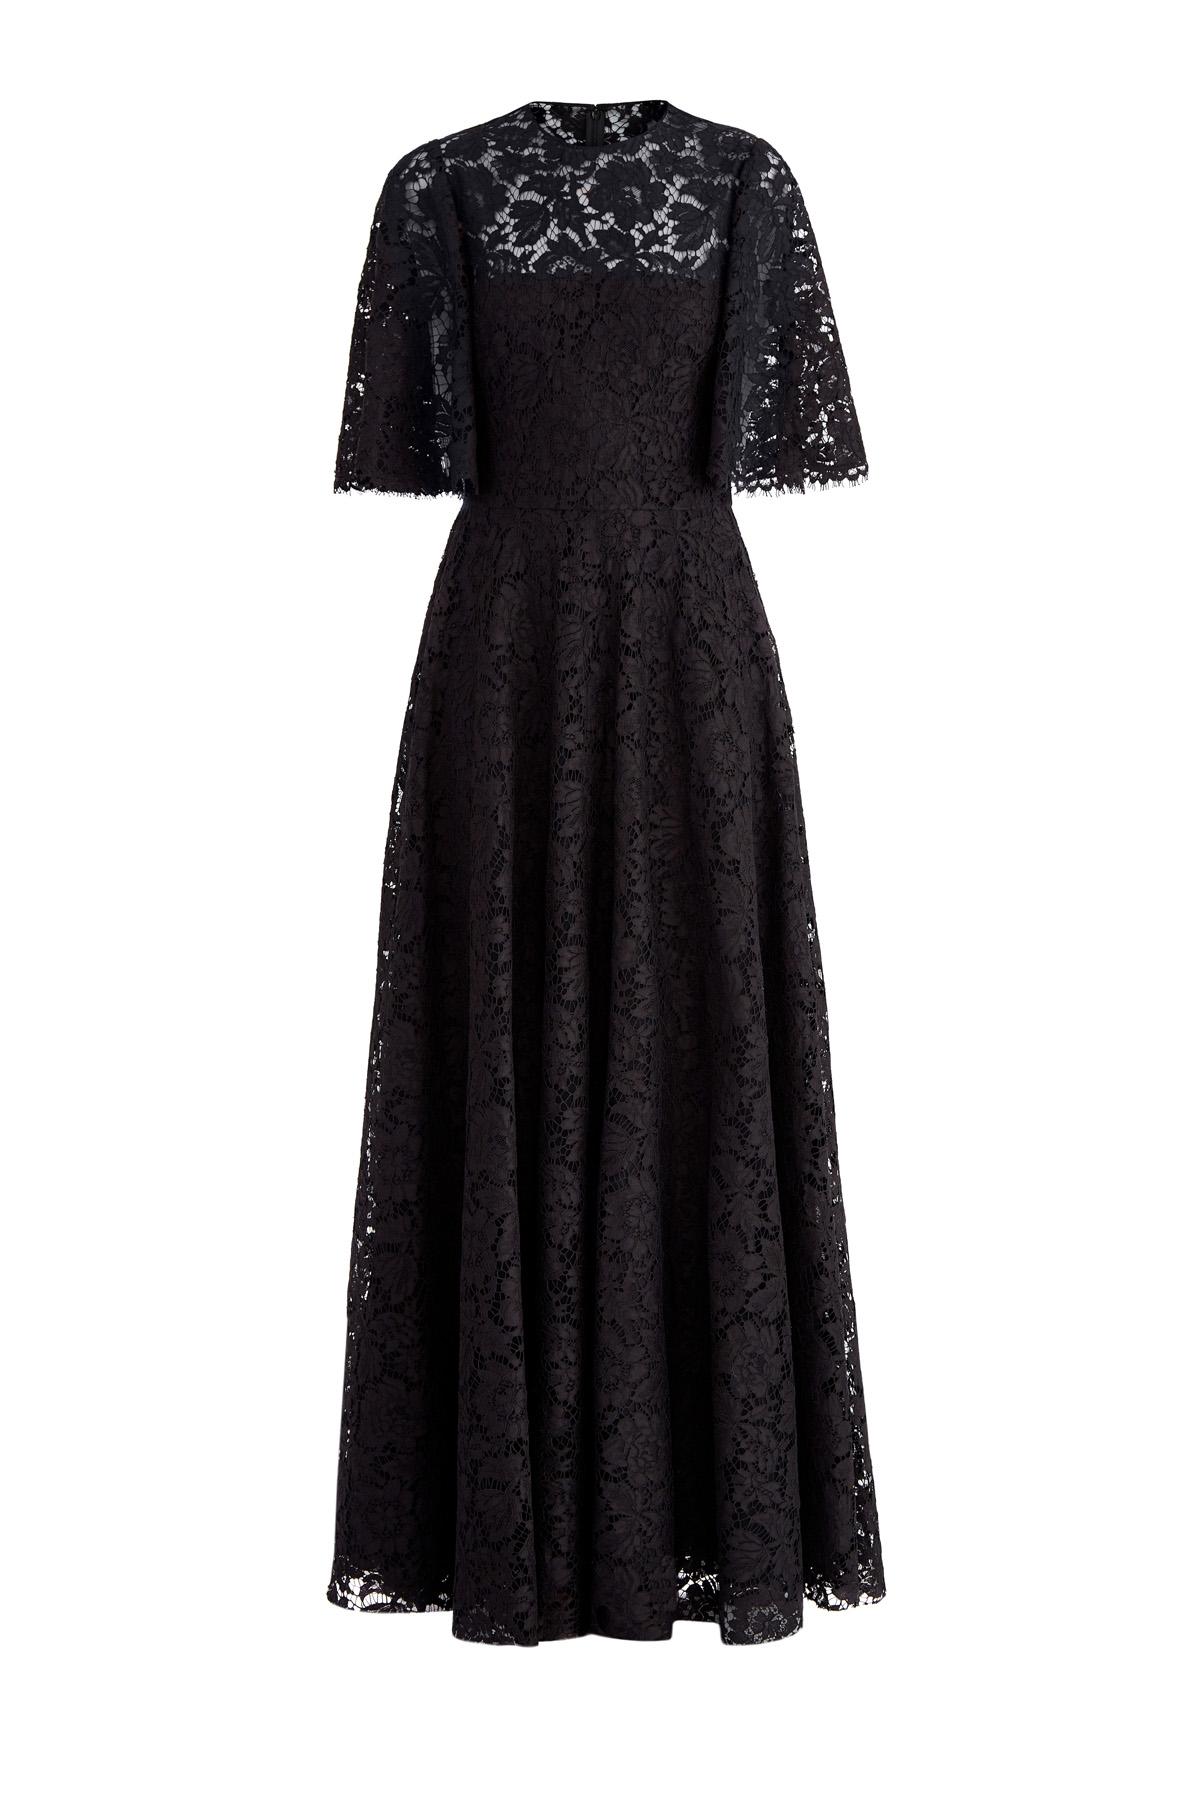 Купить Платье из кружева Heavy Lace с расклешенными рукавами, VALENTINO, Италия, хлопок 71%, вискоза 21%, полиамид 8%